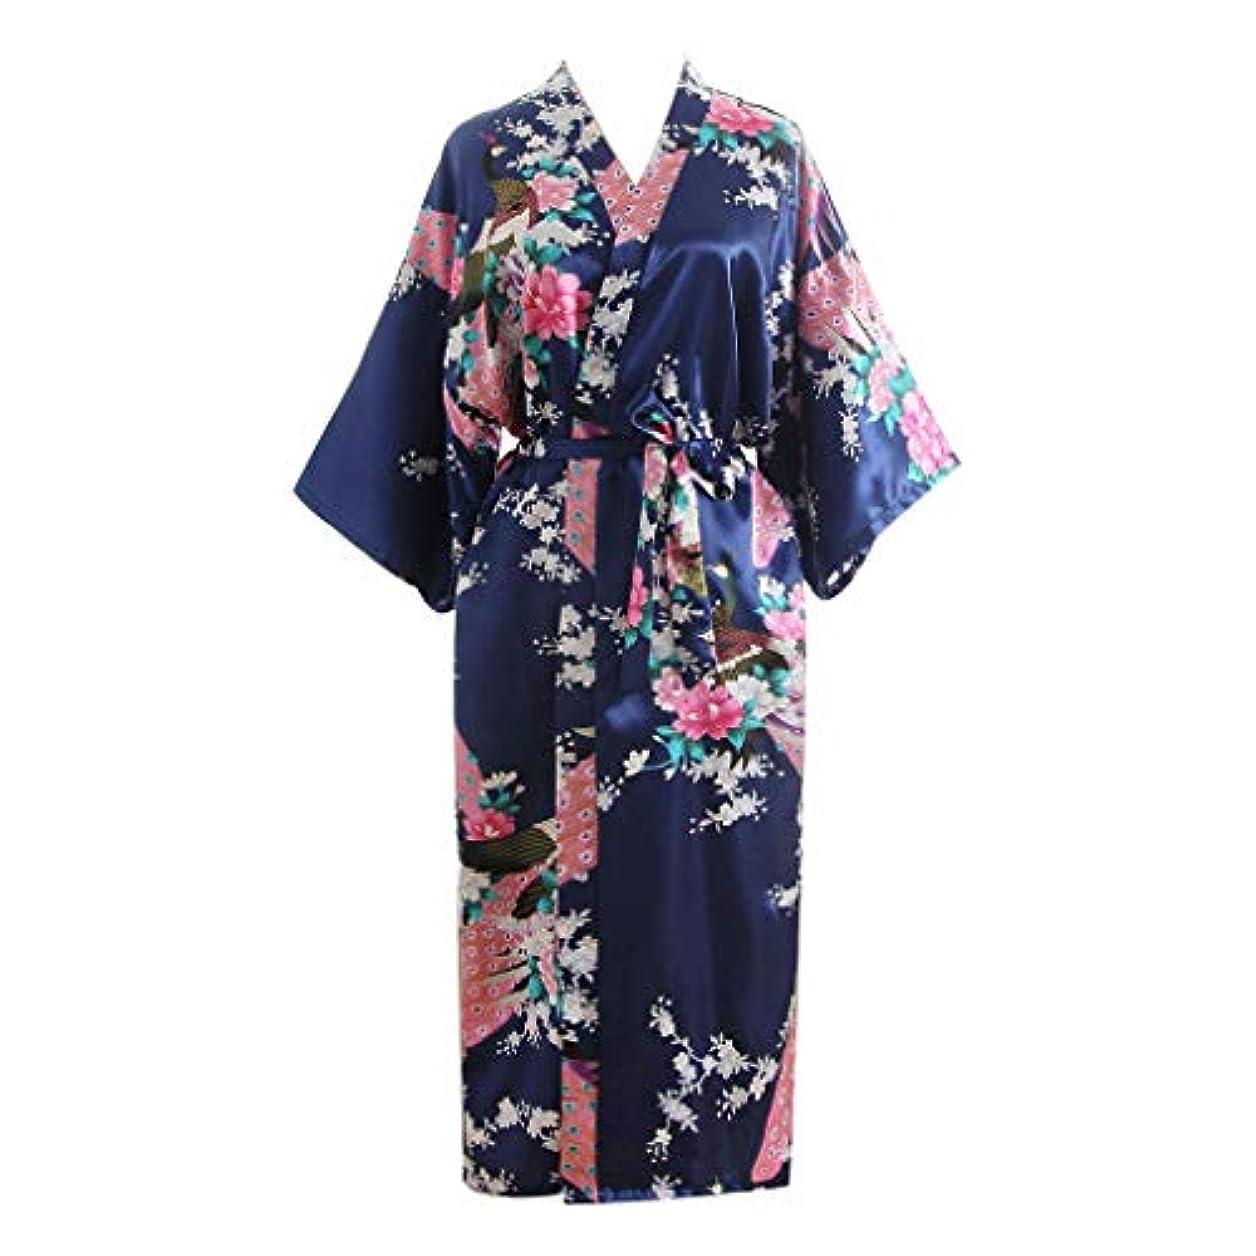 無臭割る知人パジャマ liqiuxiang 女性 スリップ エレガント 和風 レディース リボン 日常 花柄 上品 バスローブウーマン 快適 柔らかい ルームウエア ギフト 記念日